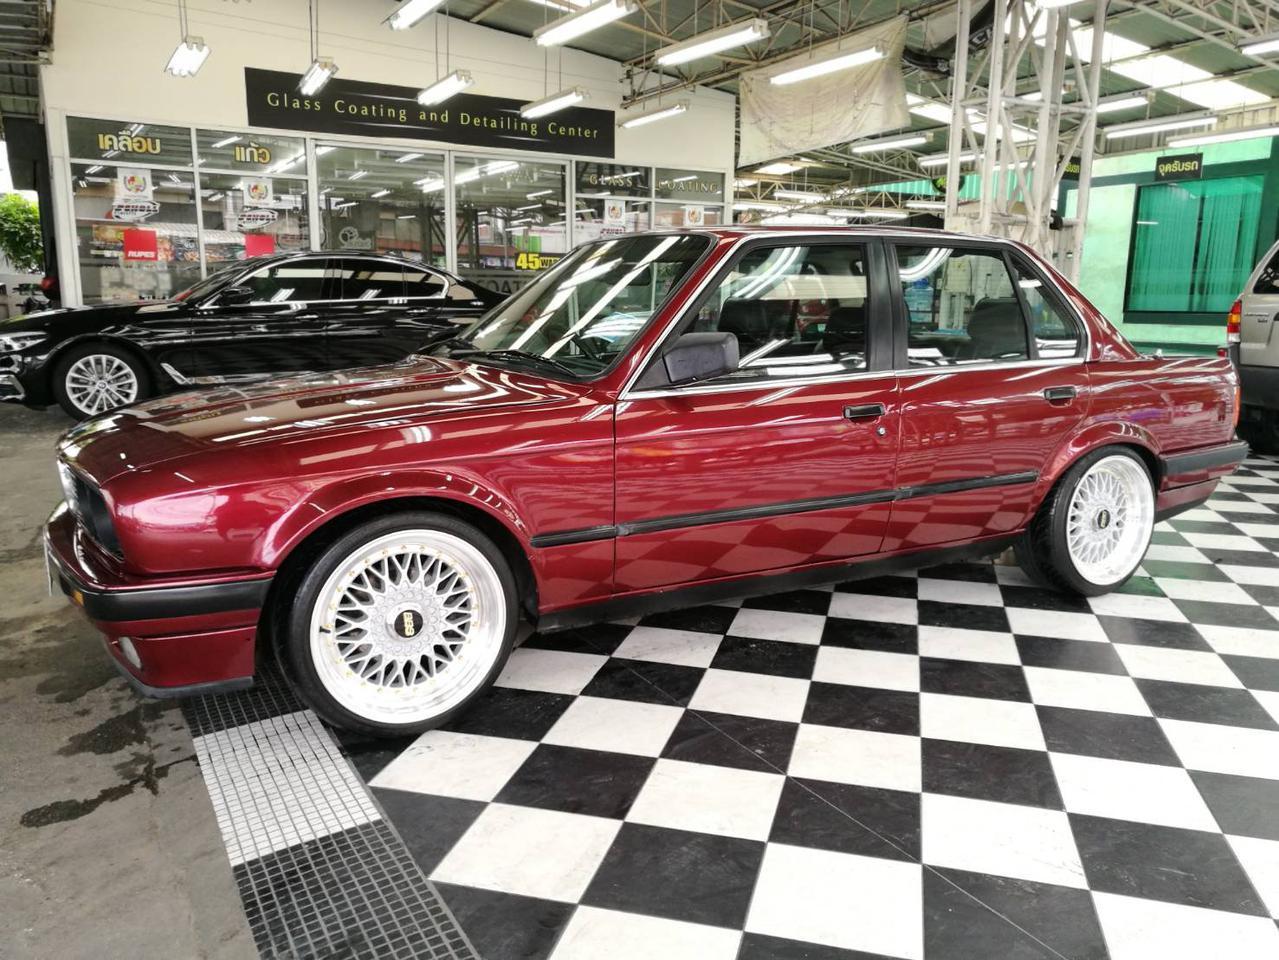 ขายรถเก๋ง BMW 318I เขตลาดพร้าว กรุงเทพ ฯ รูปที่ 1